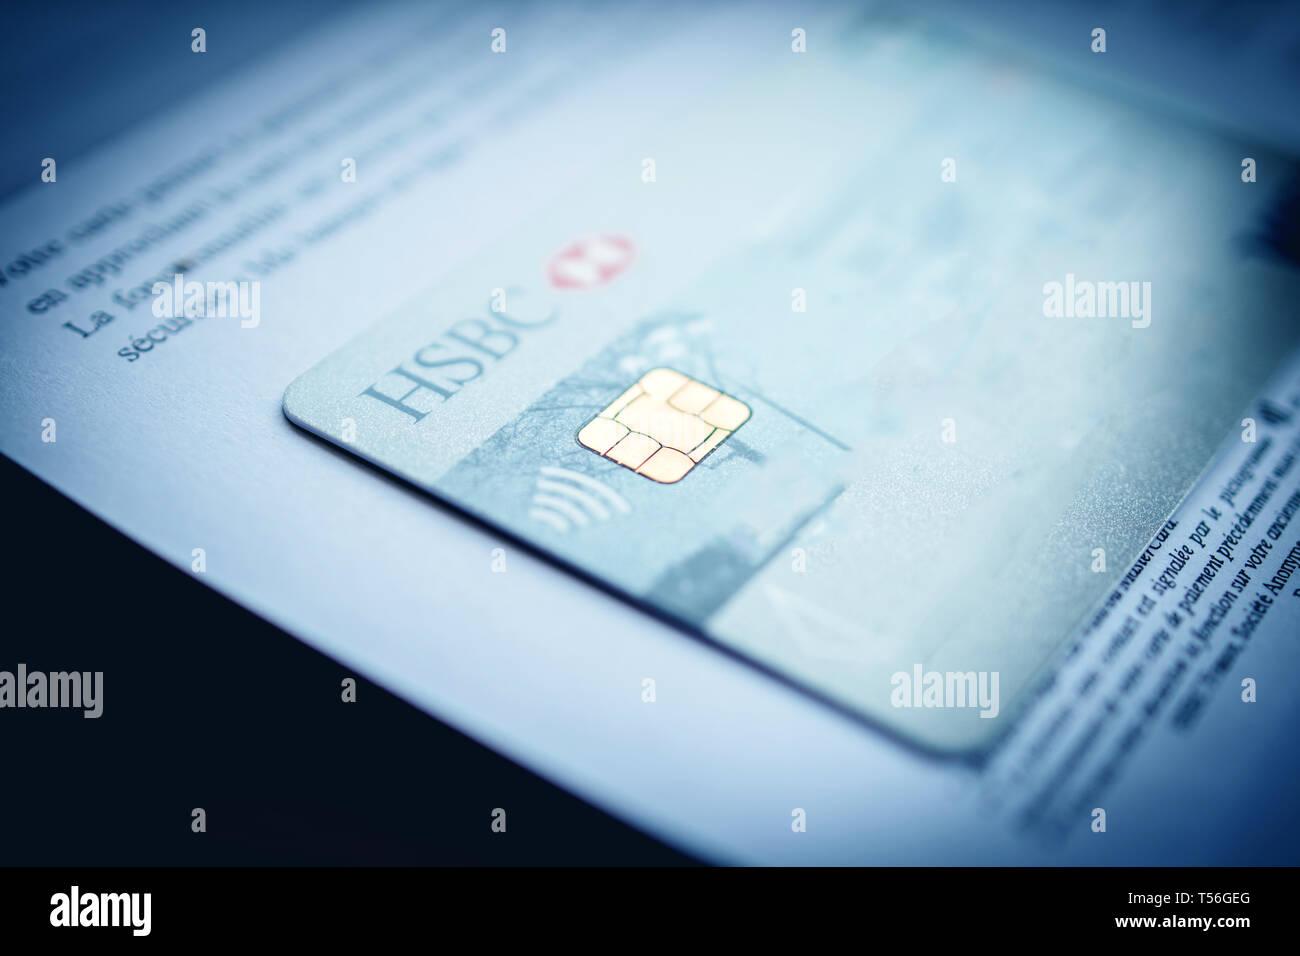 Hsbc Bank Debit Card Close Stock Photos & Hsbc Bank Debit